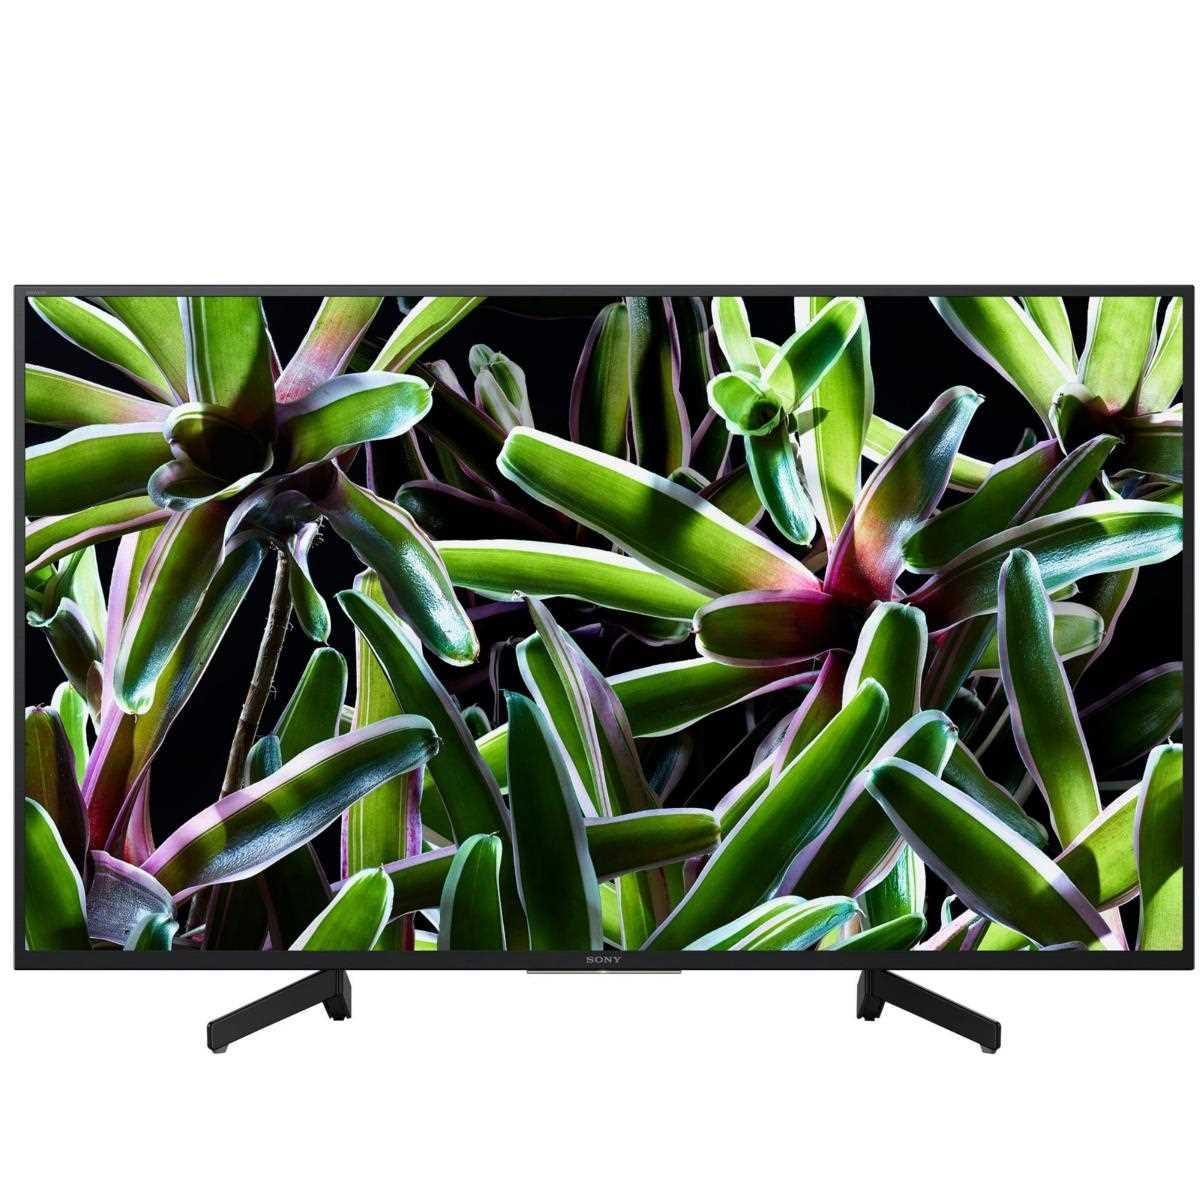 טלוויזיה Sony KD49XG7096BAEP4K סוני - תמונה 1